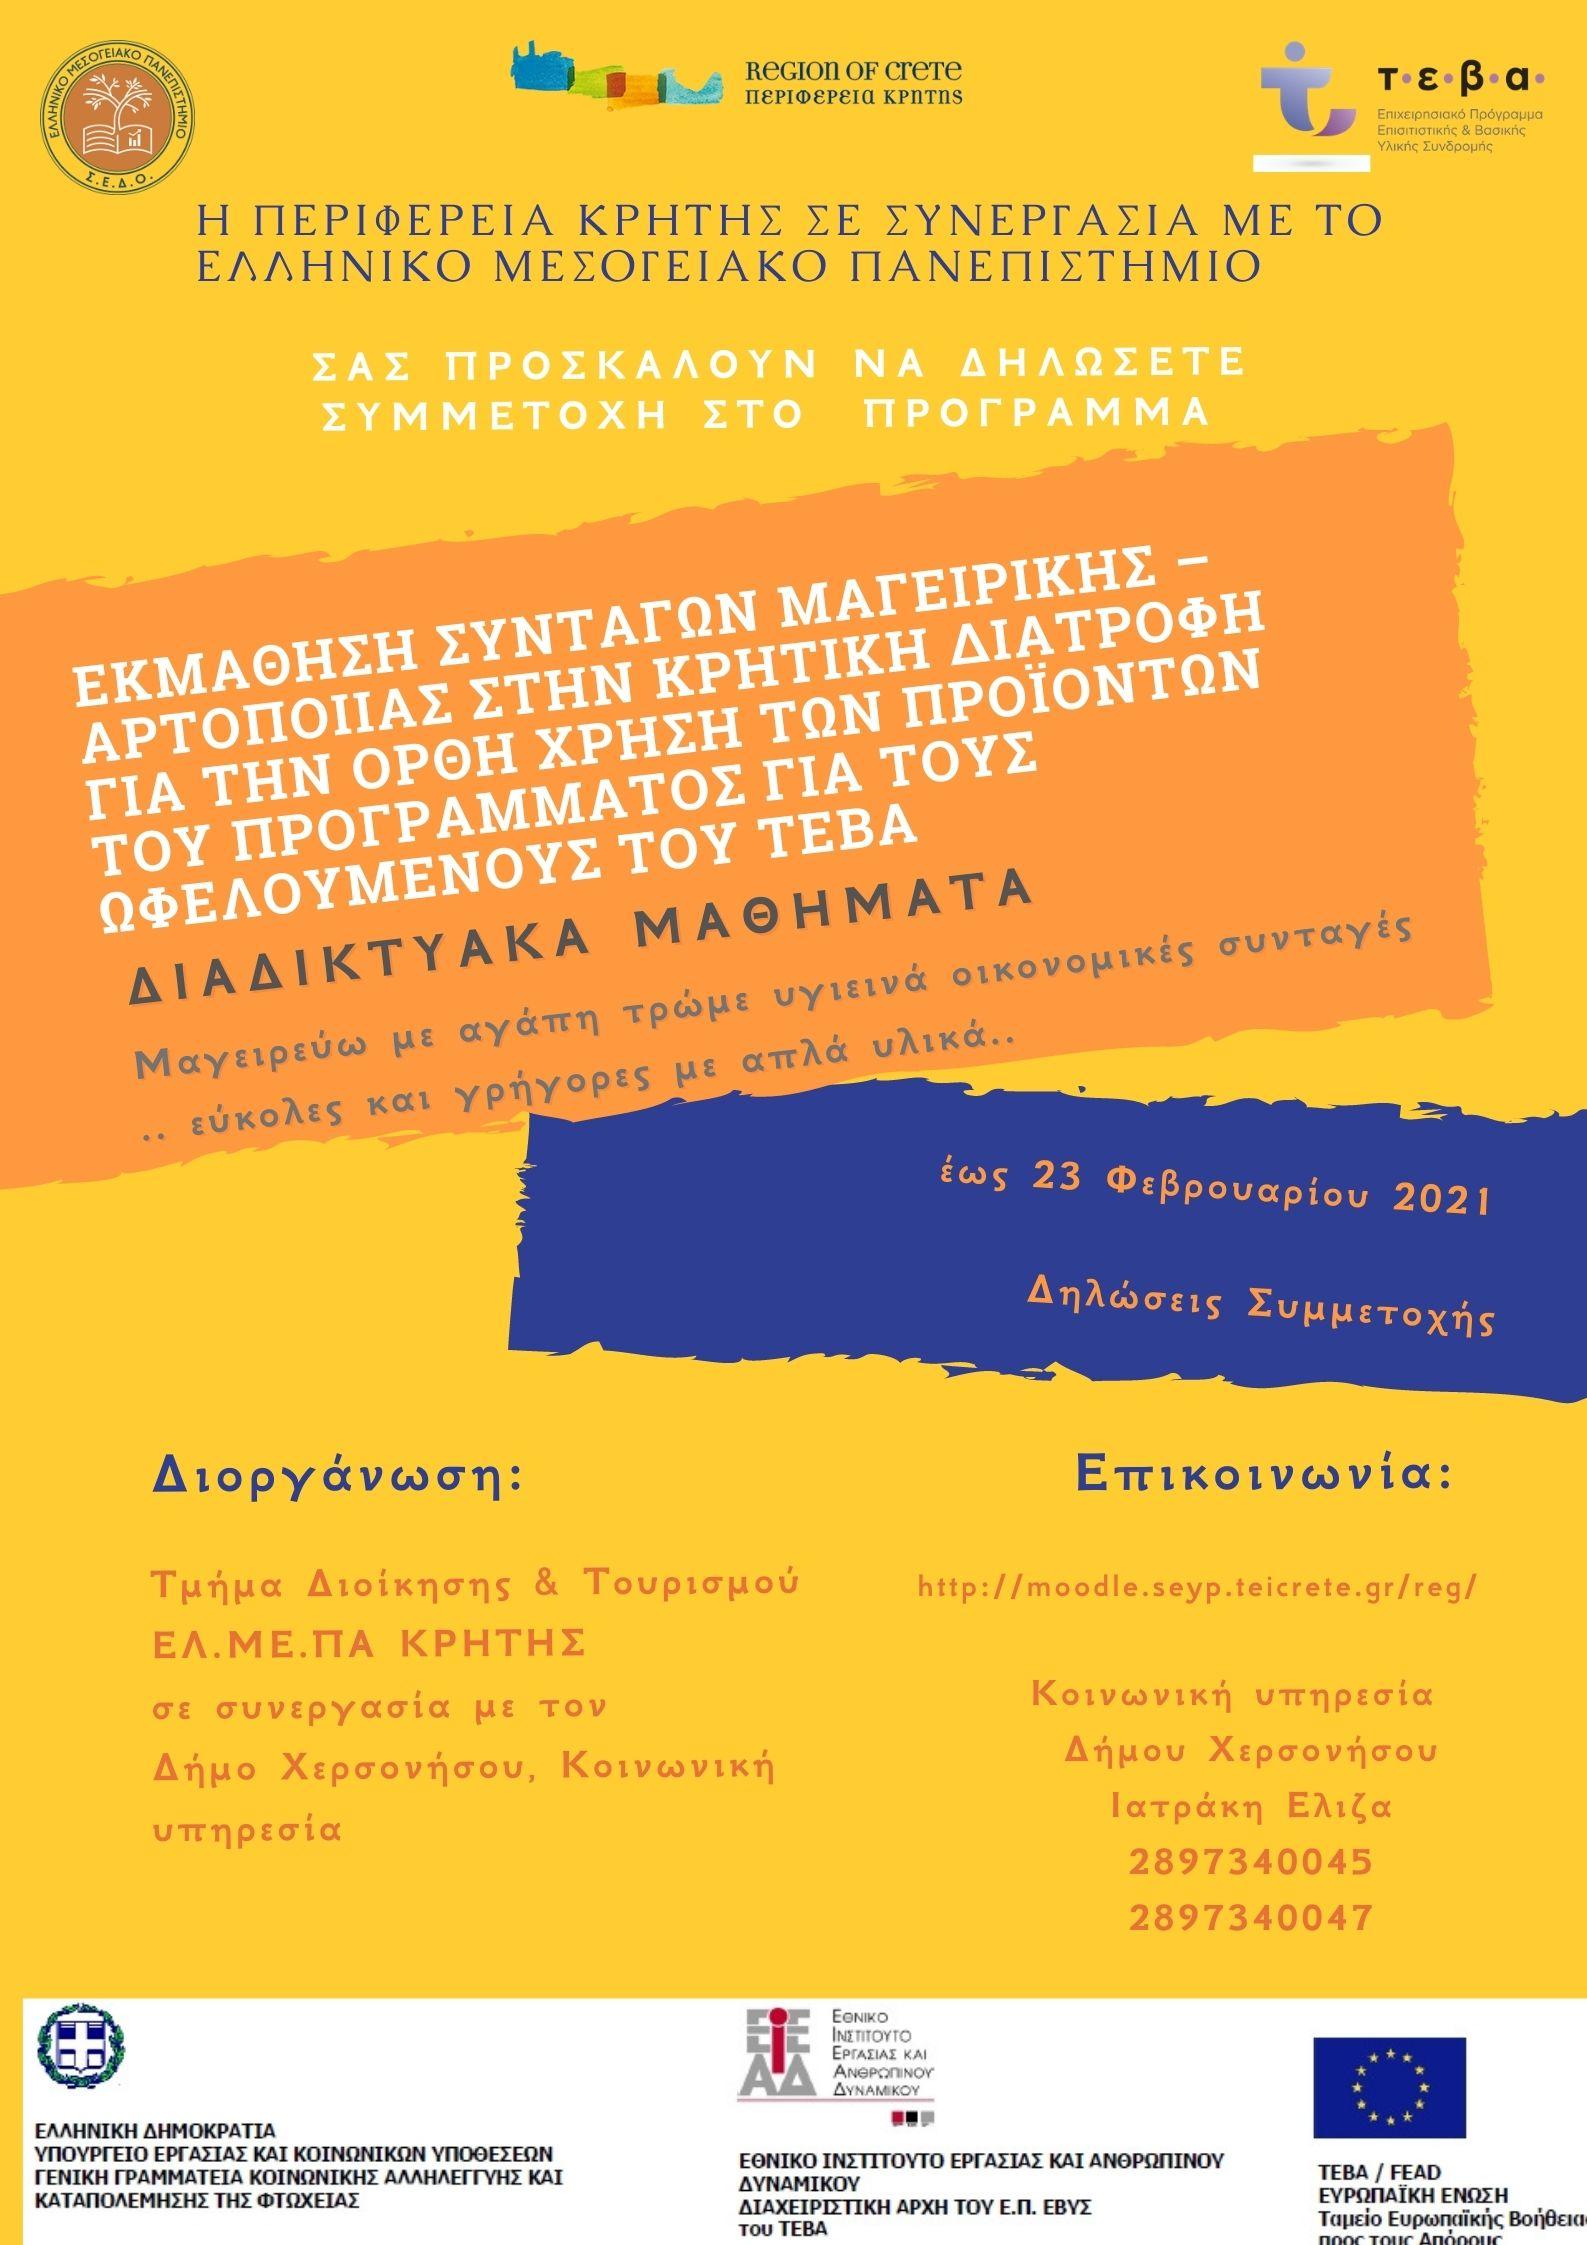 Συνοδευτικές δράσεις του ΤΕΒΑ από το Ελληνικό Μεσογειακό Πανεπιστήμιο (ΕΛΜΕΠΑ) Κρήτης με τη στήριξη του Δήμου Χερσονήσου, σχετικά με συμβουλευτική στήριξη δημοτών και ομάδες εκμάθησης συνταγών μαγειρικής & αρτοποιίας.